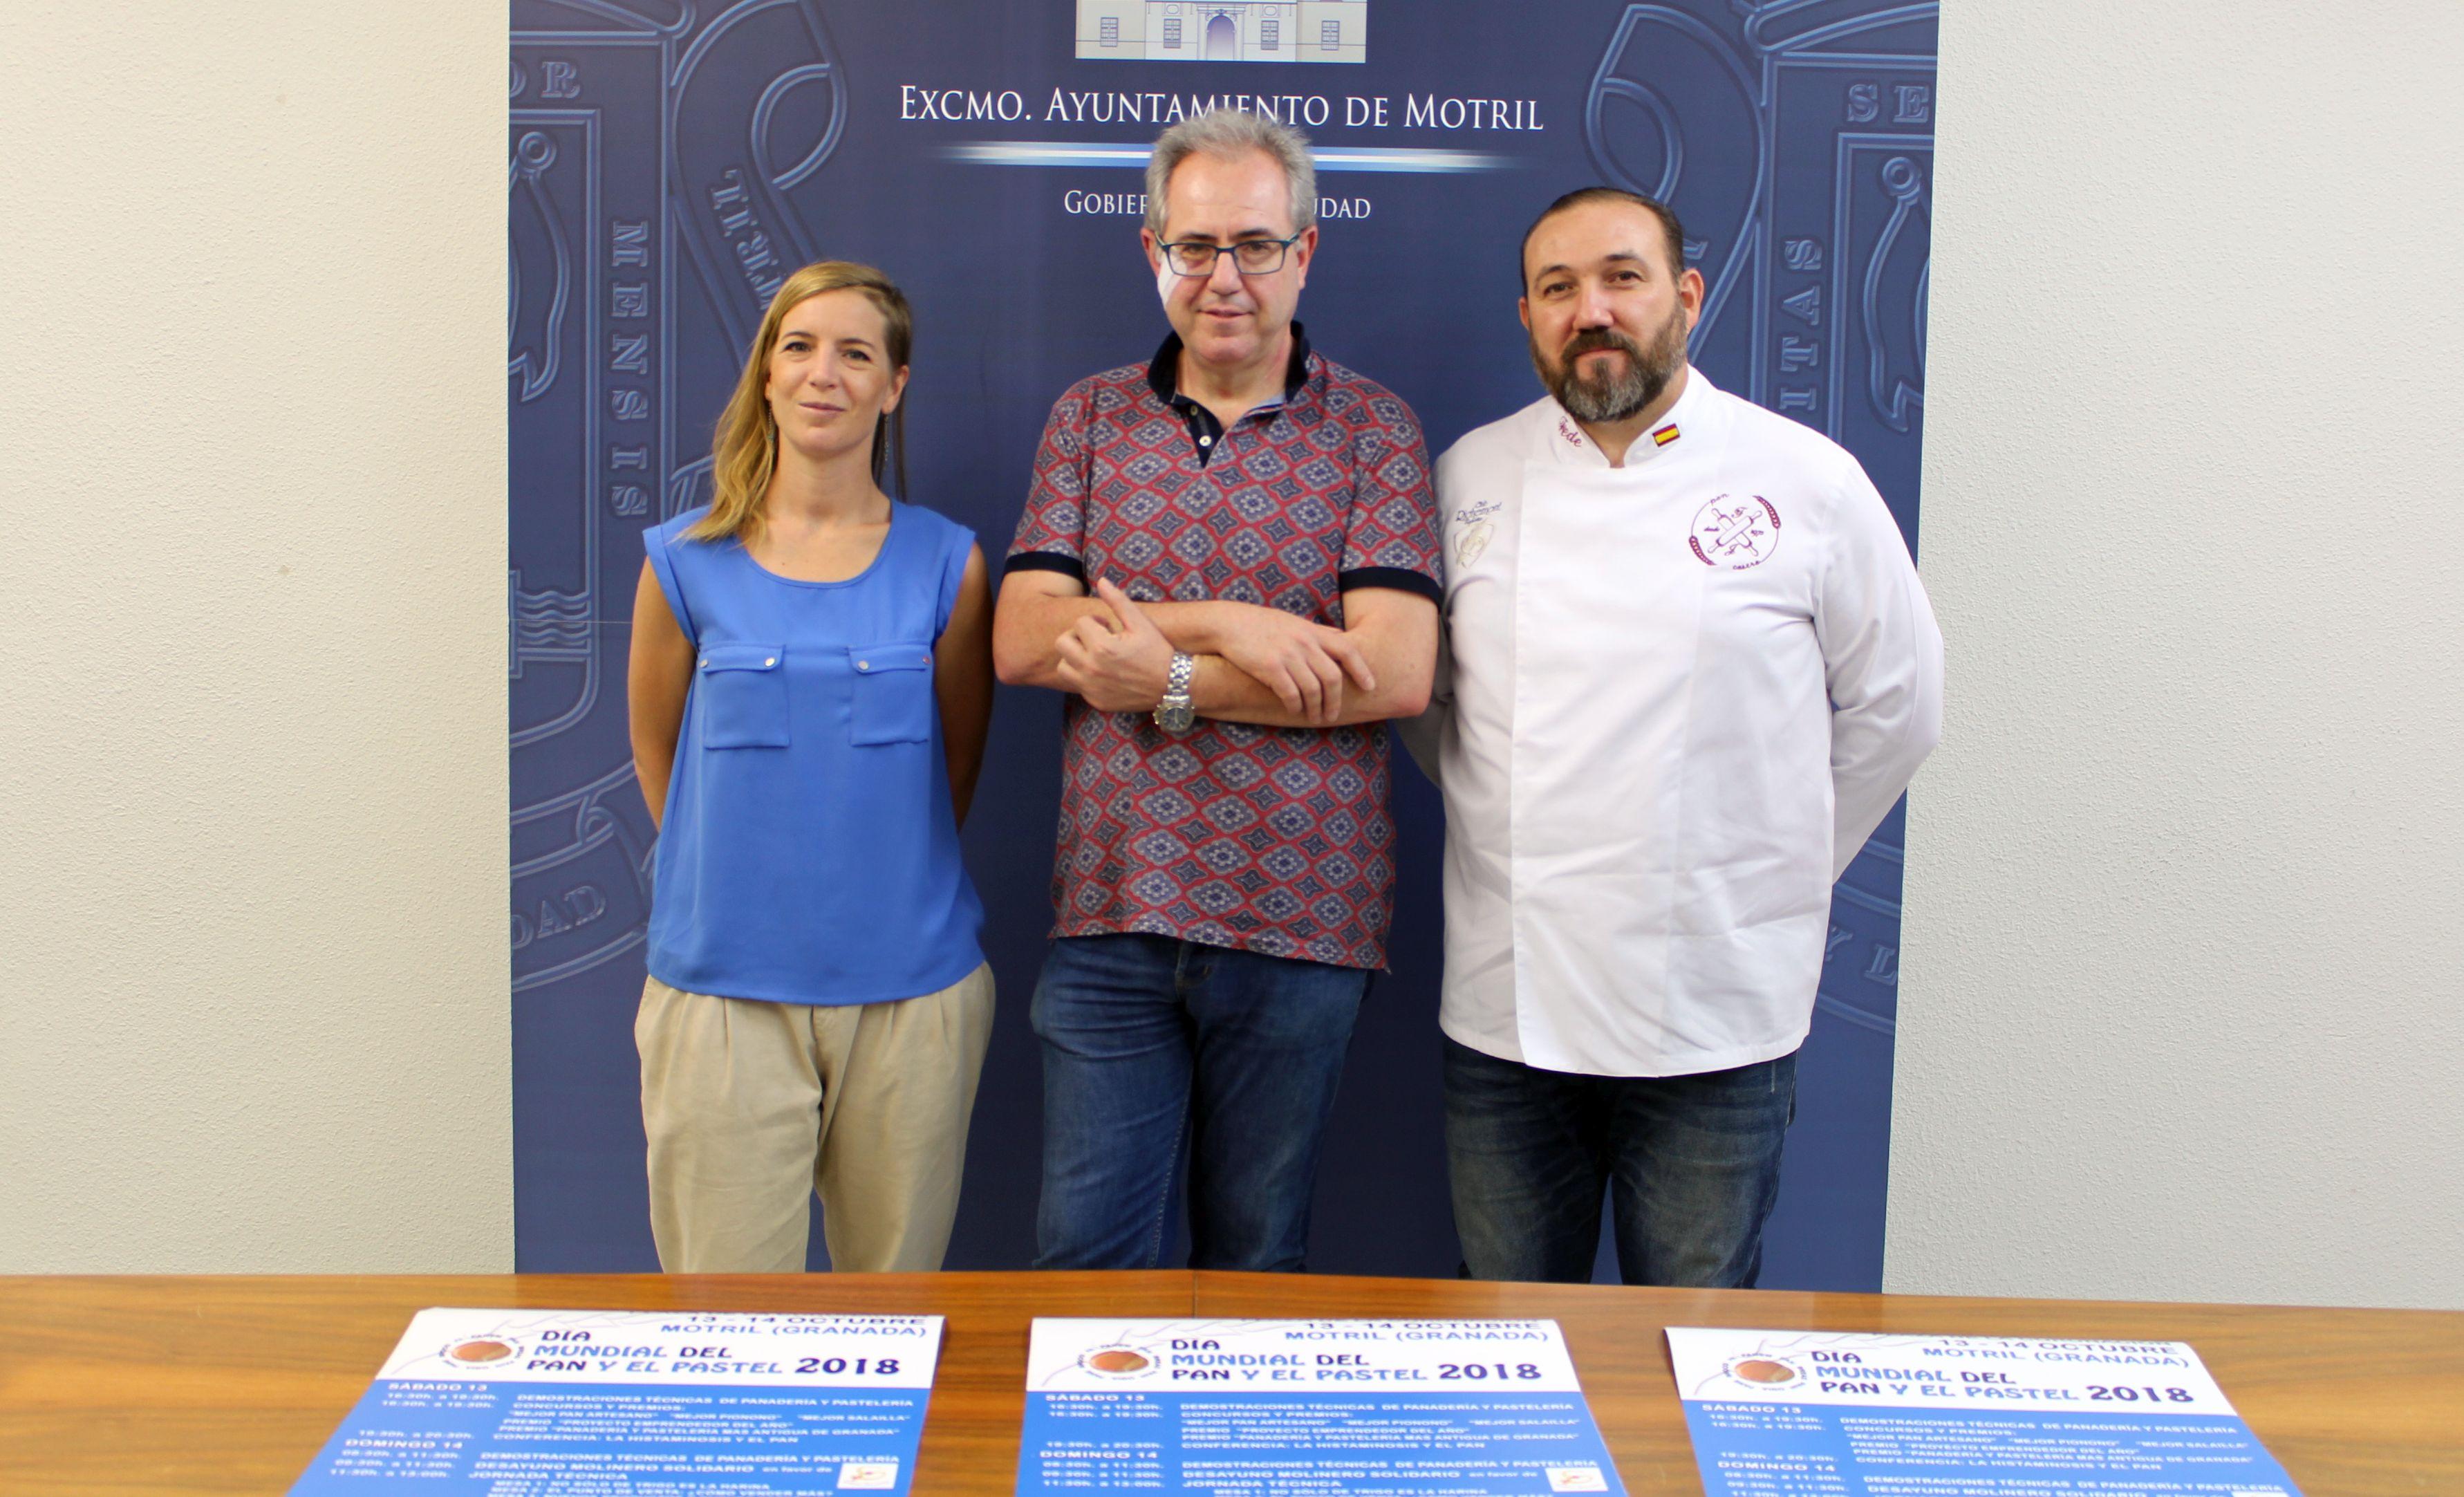 Presentación de los actos del Día Mundial del Pan y el Pastel (Foto: El Faro)